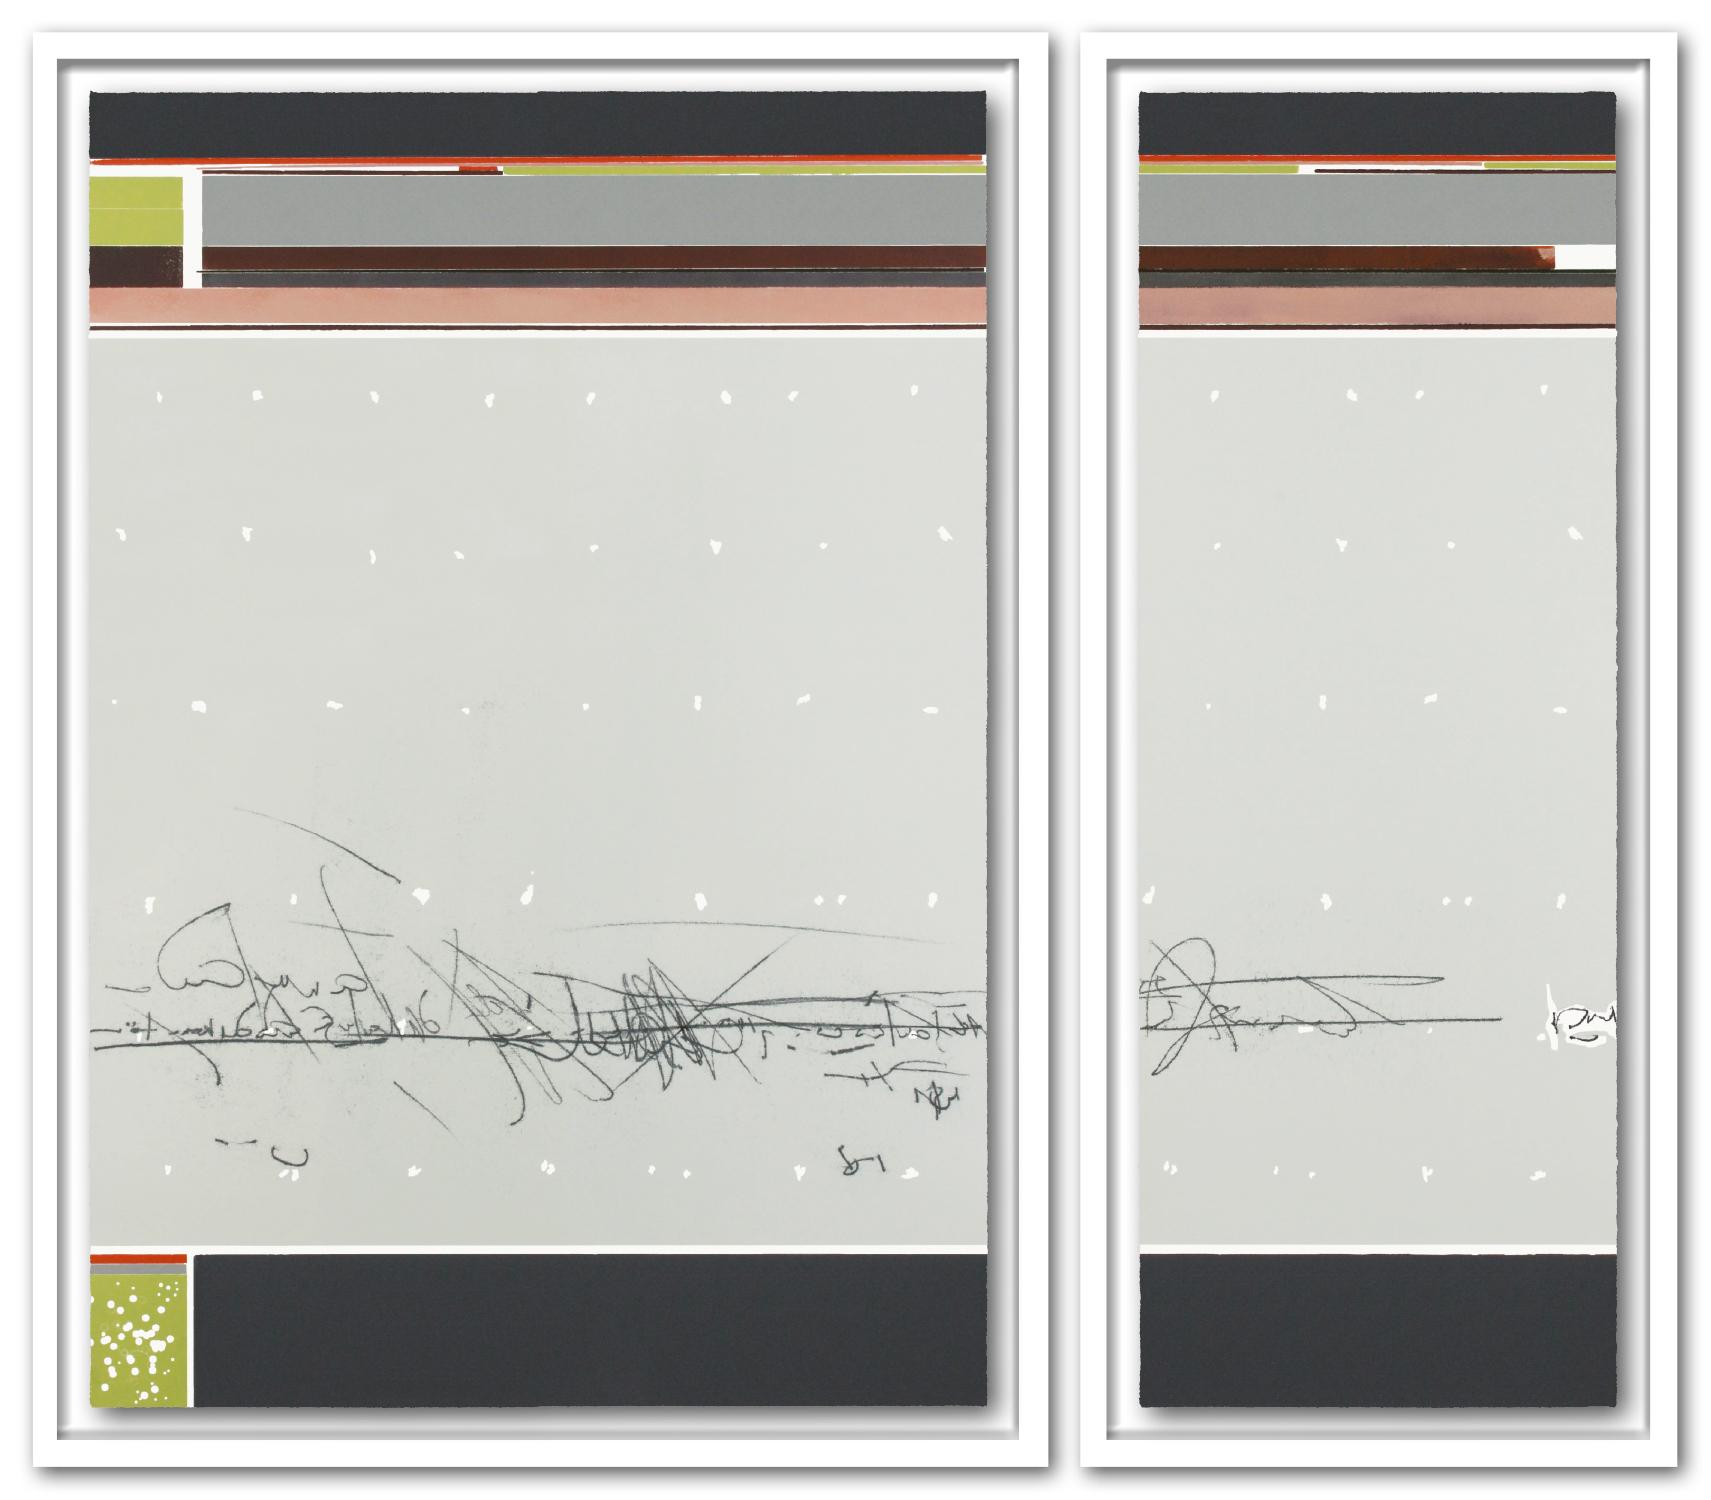 OHNE TITEL | Unikat | 2-teilig | Monotypie / Farbholzschnitt | 103 x 117 cm [gerahmt] | 2018